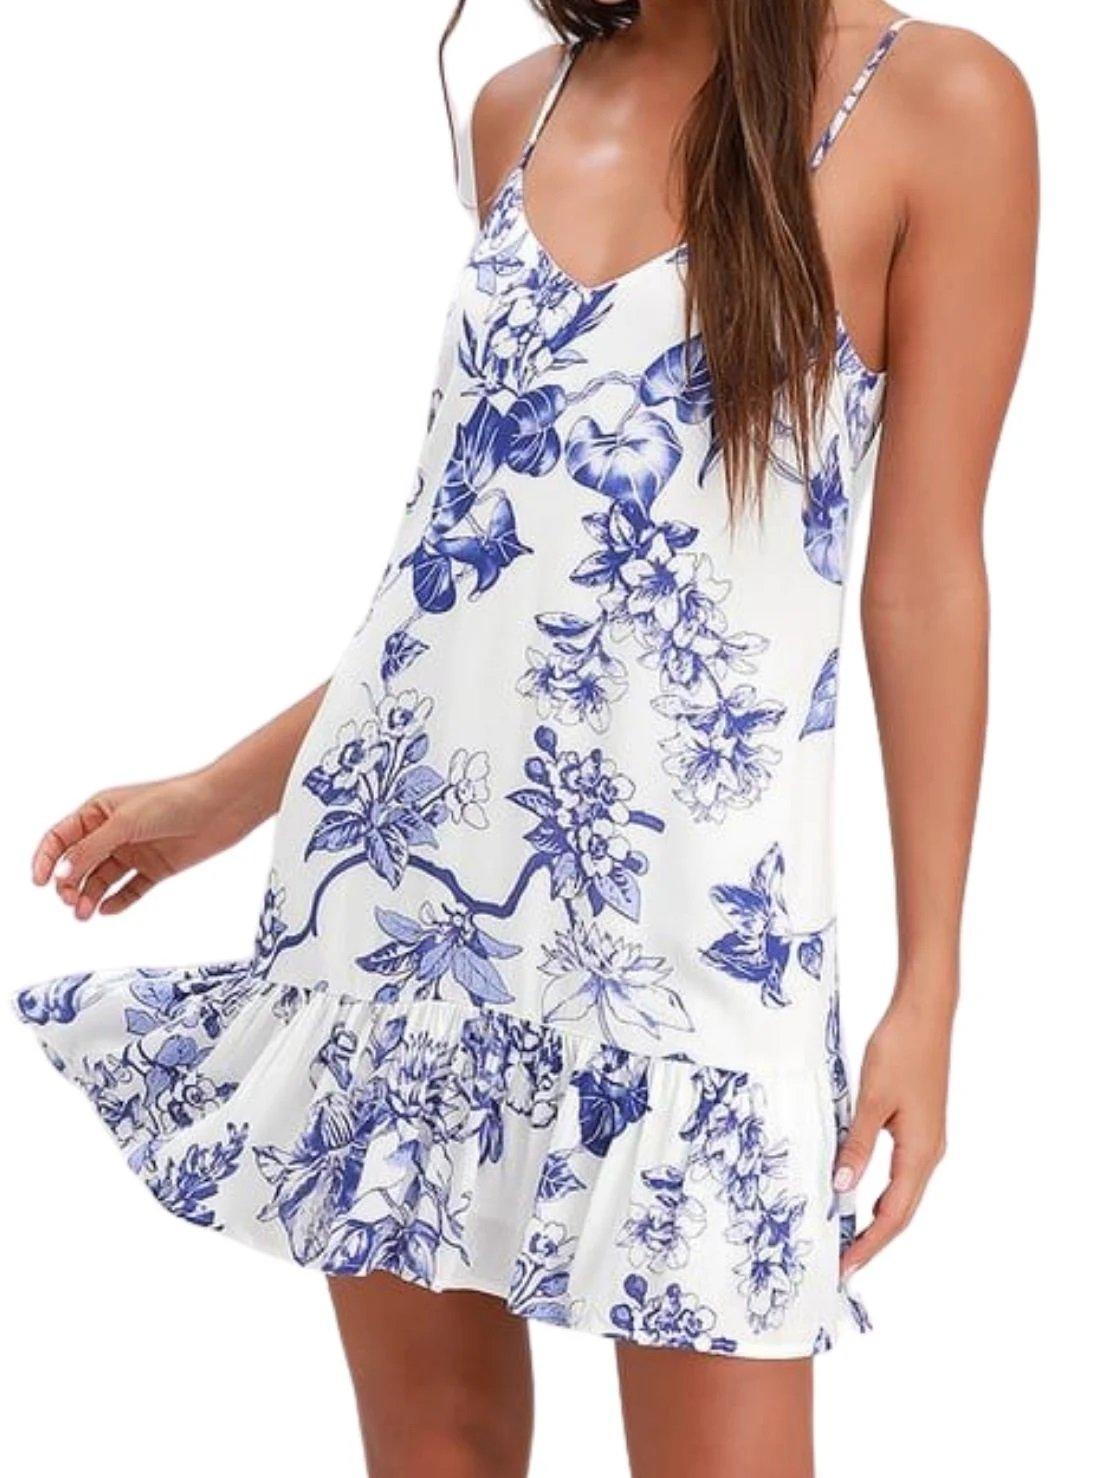 Garden Bloom Floral Ruffled Summer Dress